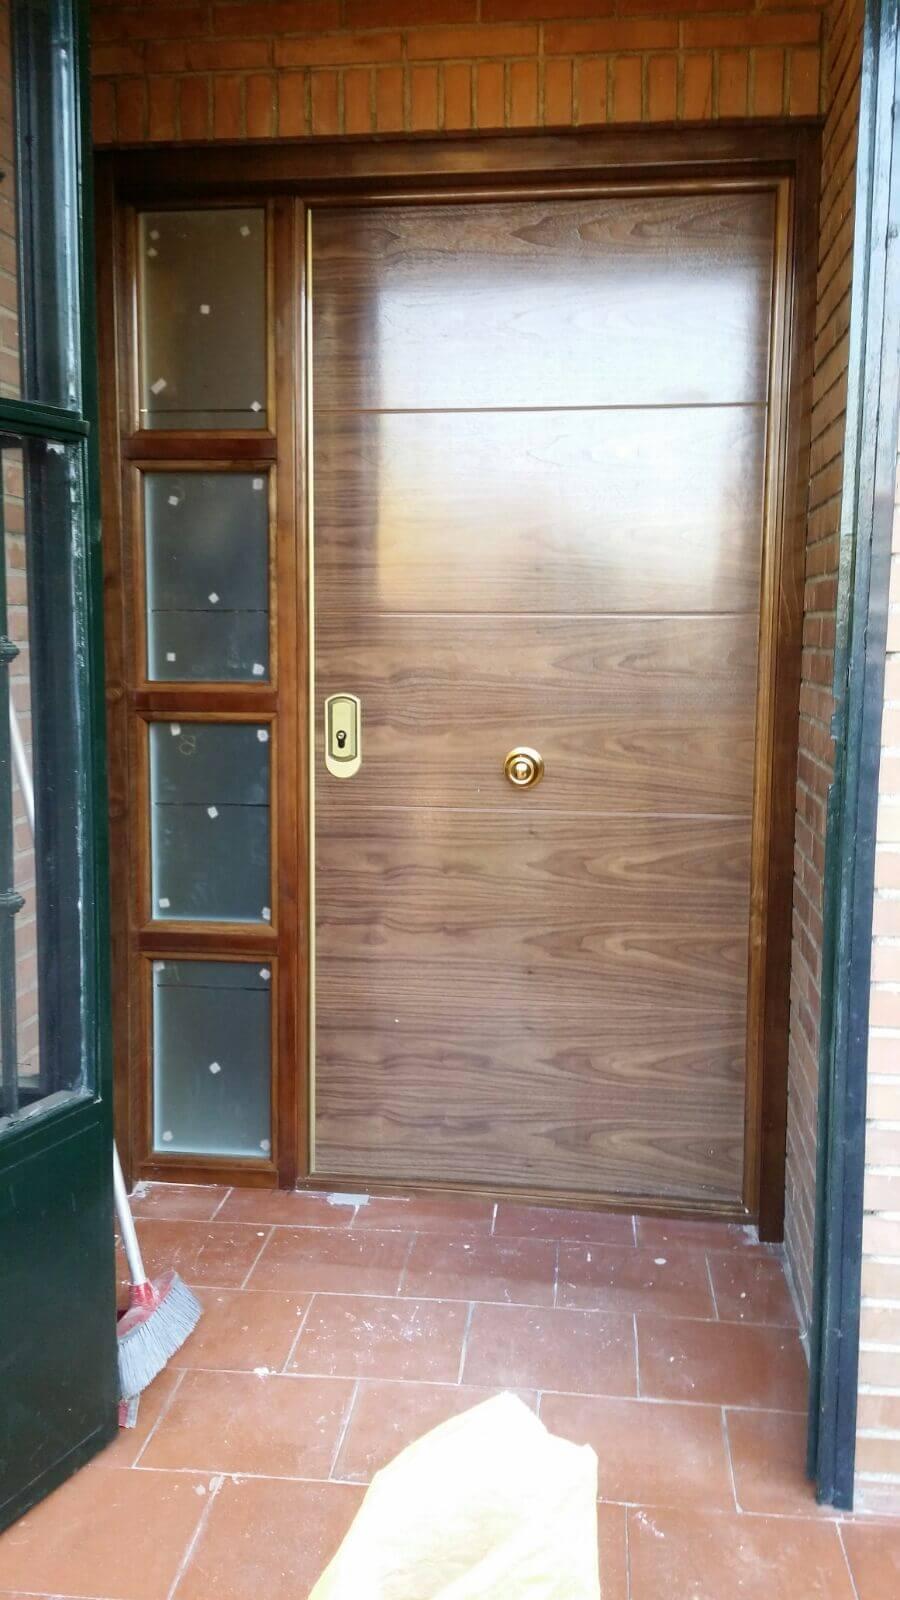 Instalaci n de puertas blindadas y de interior baratas en for Puertas de interior en madrid